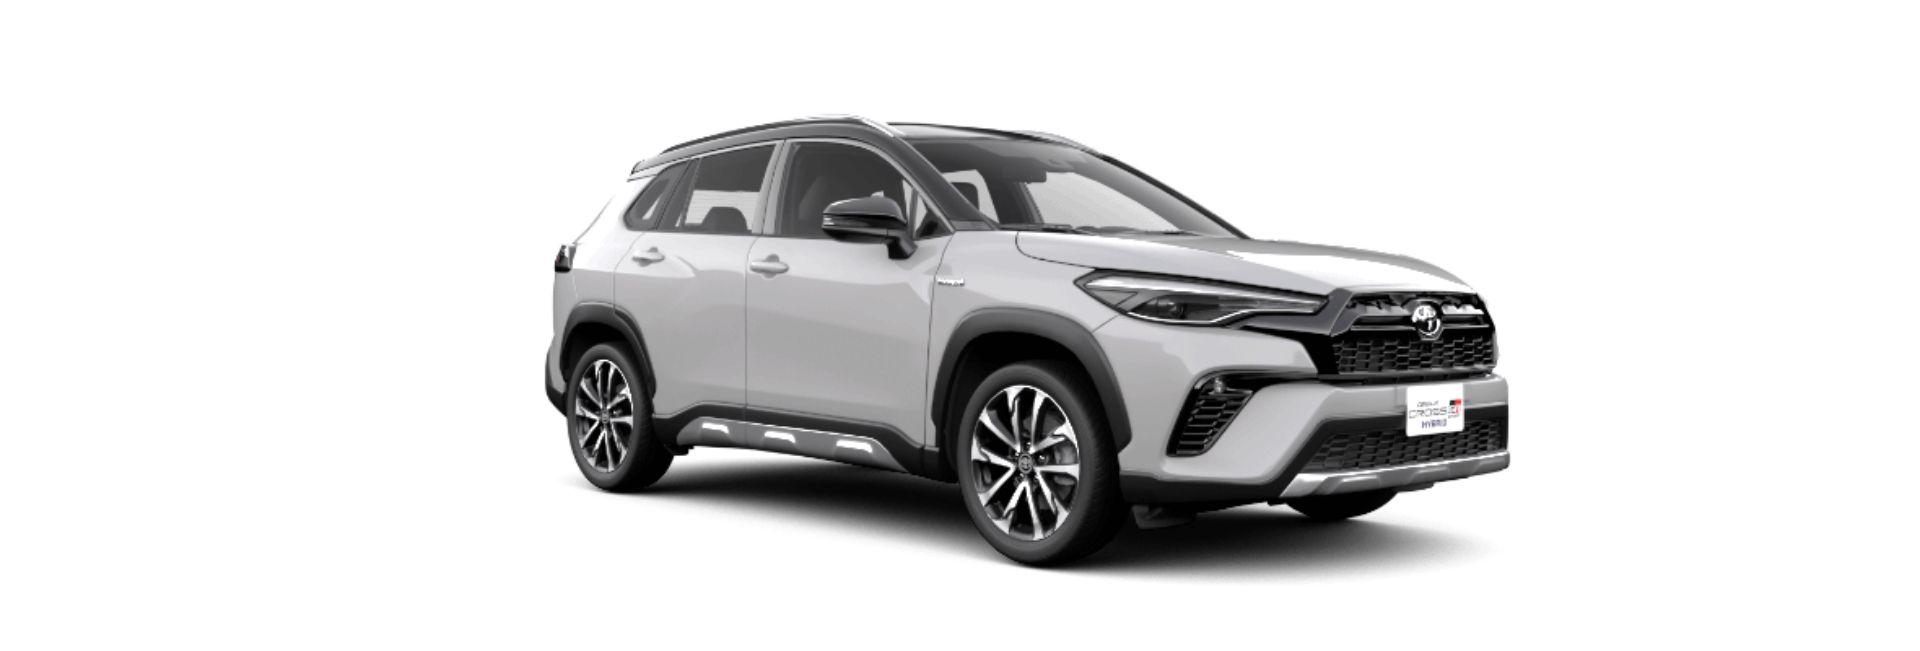 Toyota-Corolla-Cross-GR-Sport-8